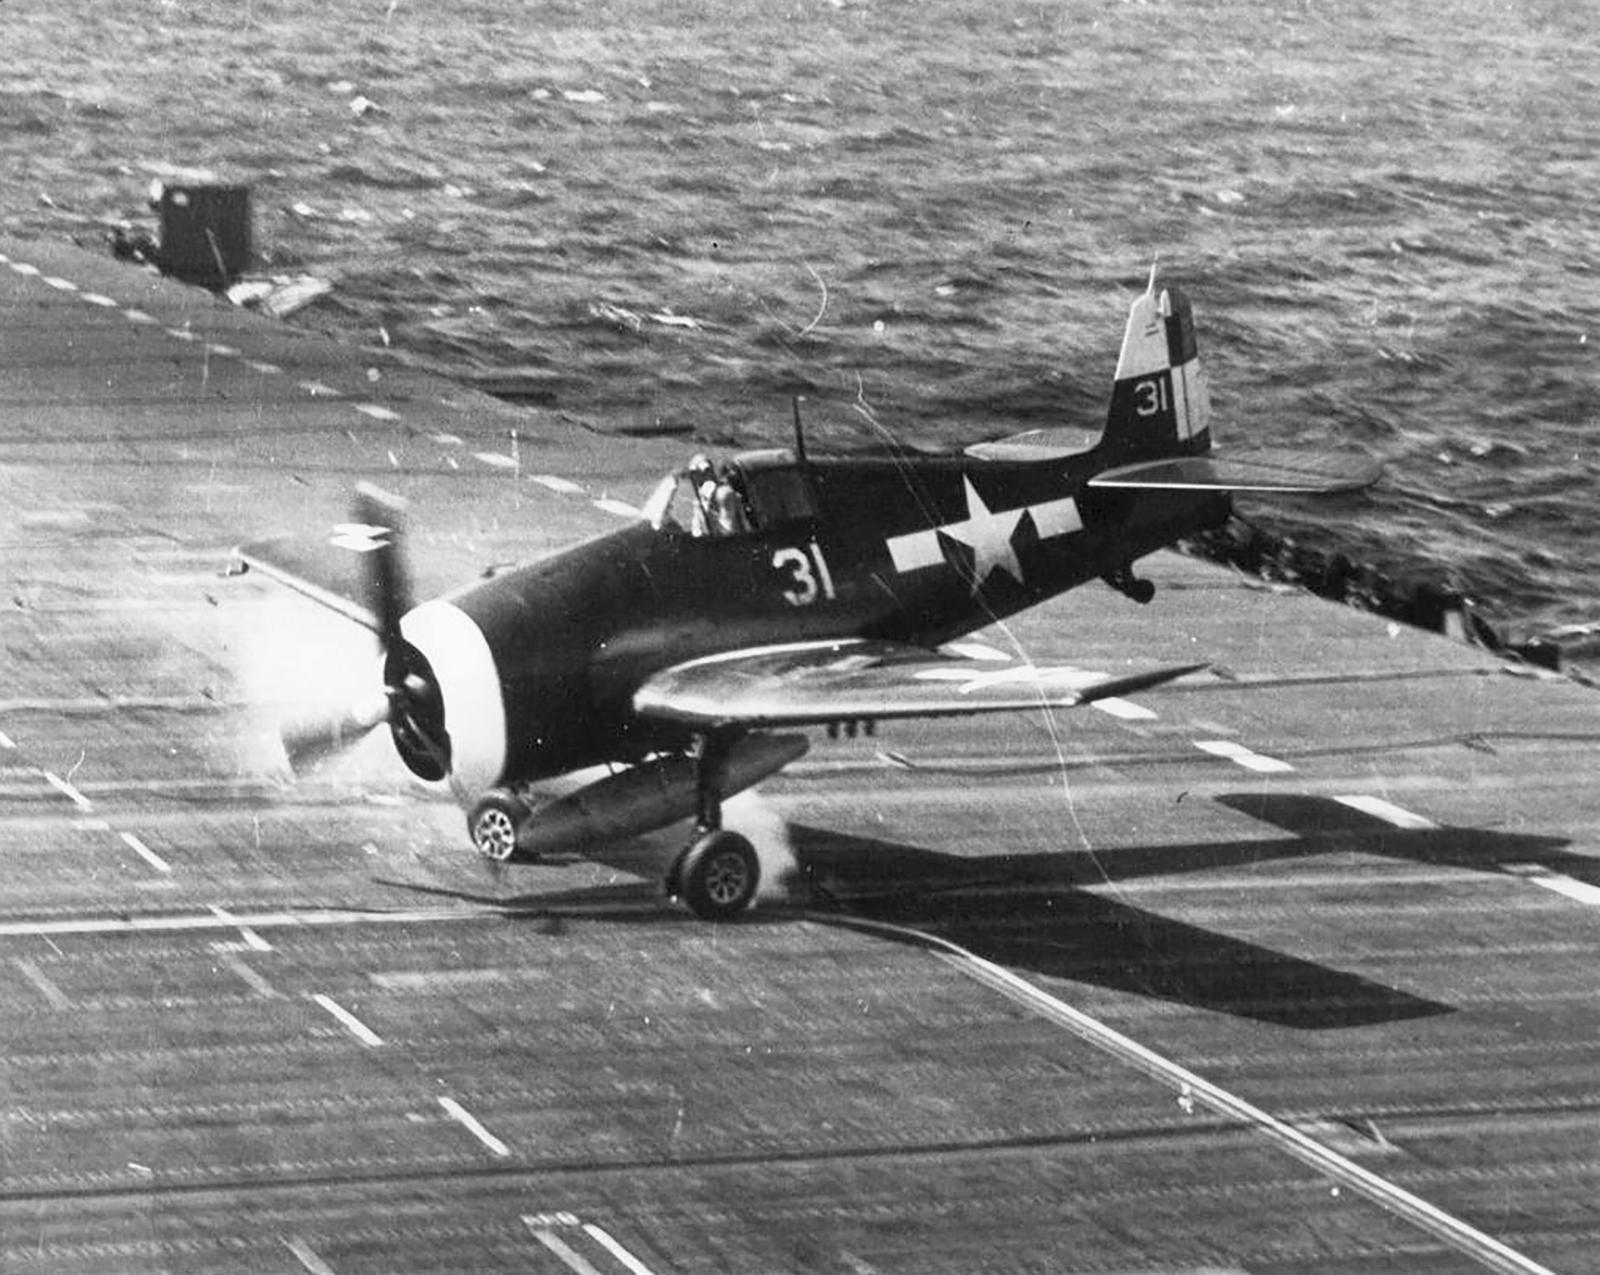 Grumman F6F 5 Hellcat VF 17 White 31 landing accident CV 12 USS Hornet 1945 01